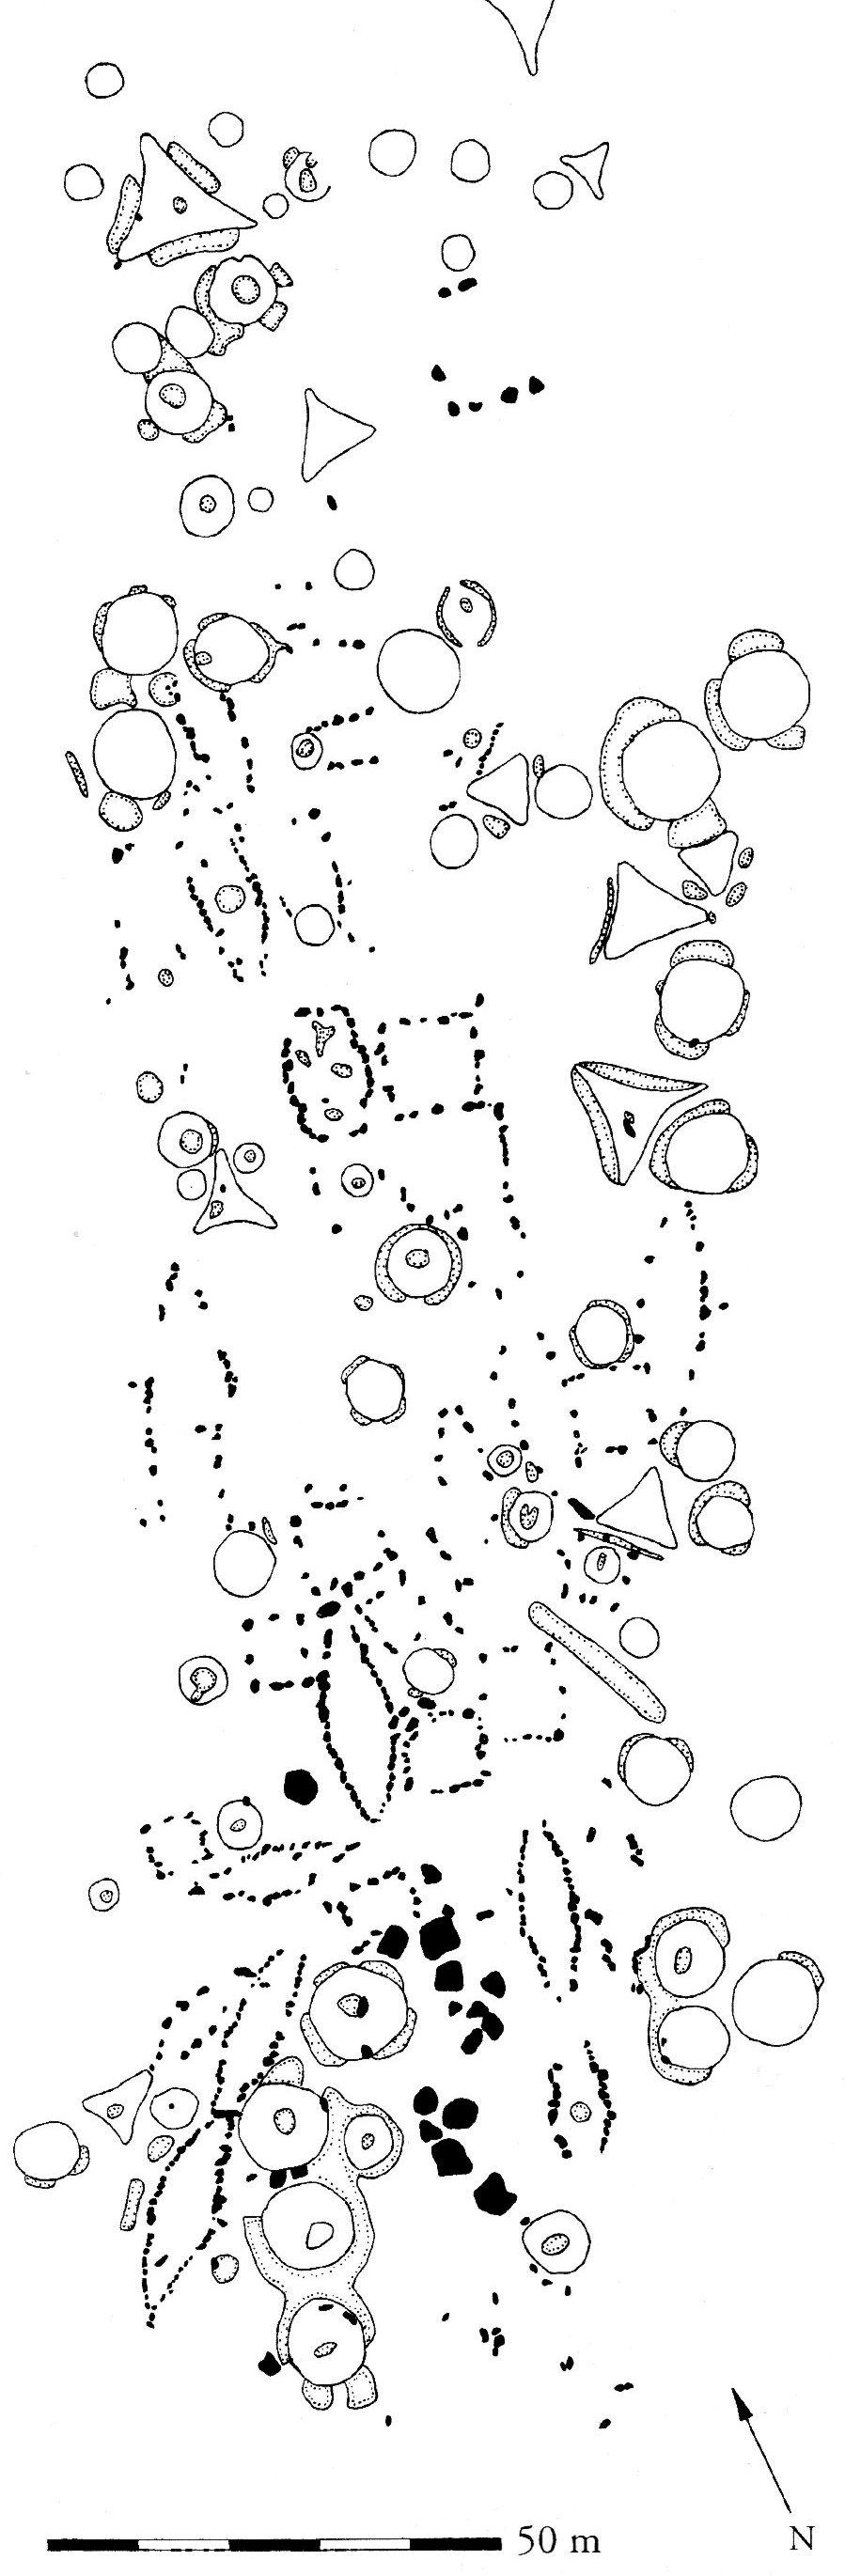 medium resolution of img002